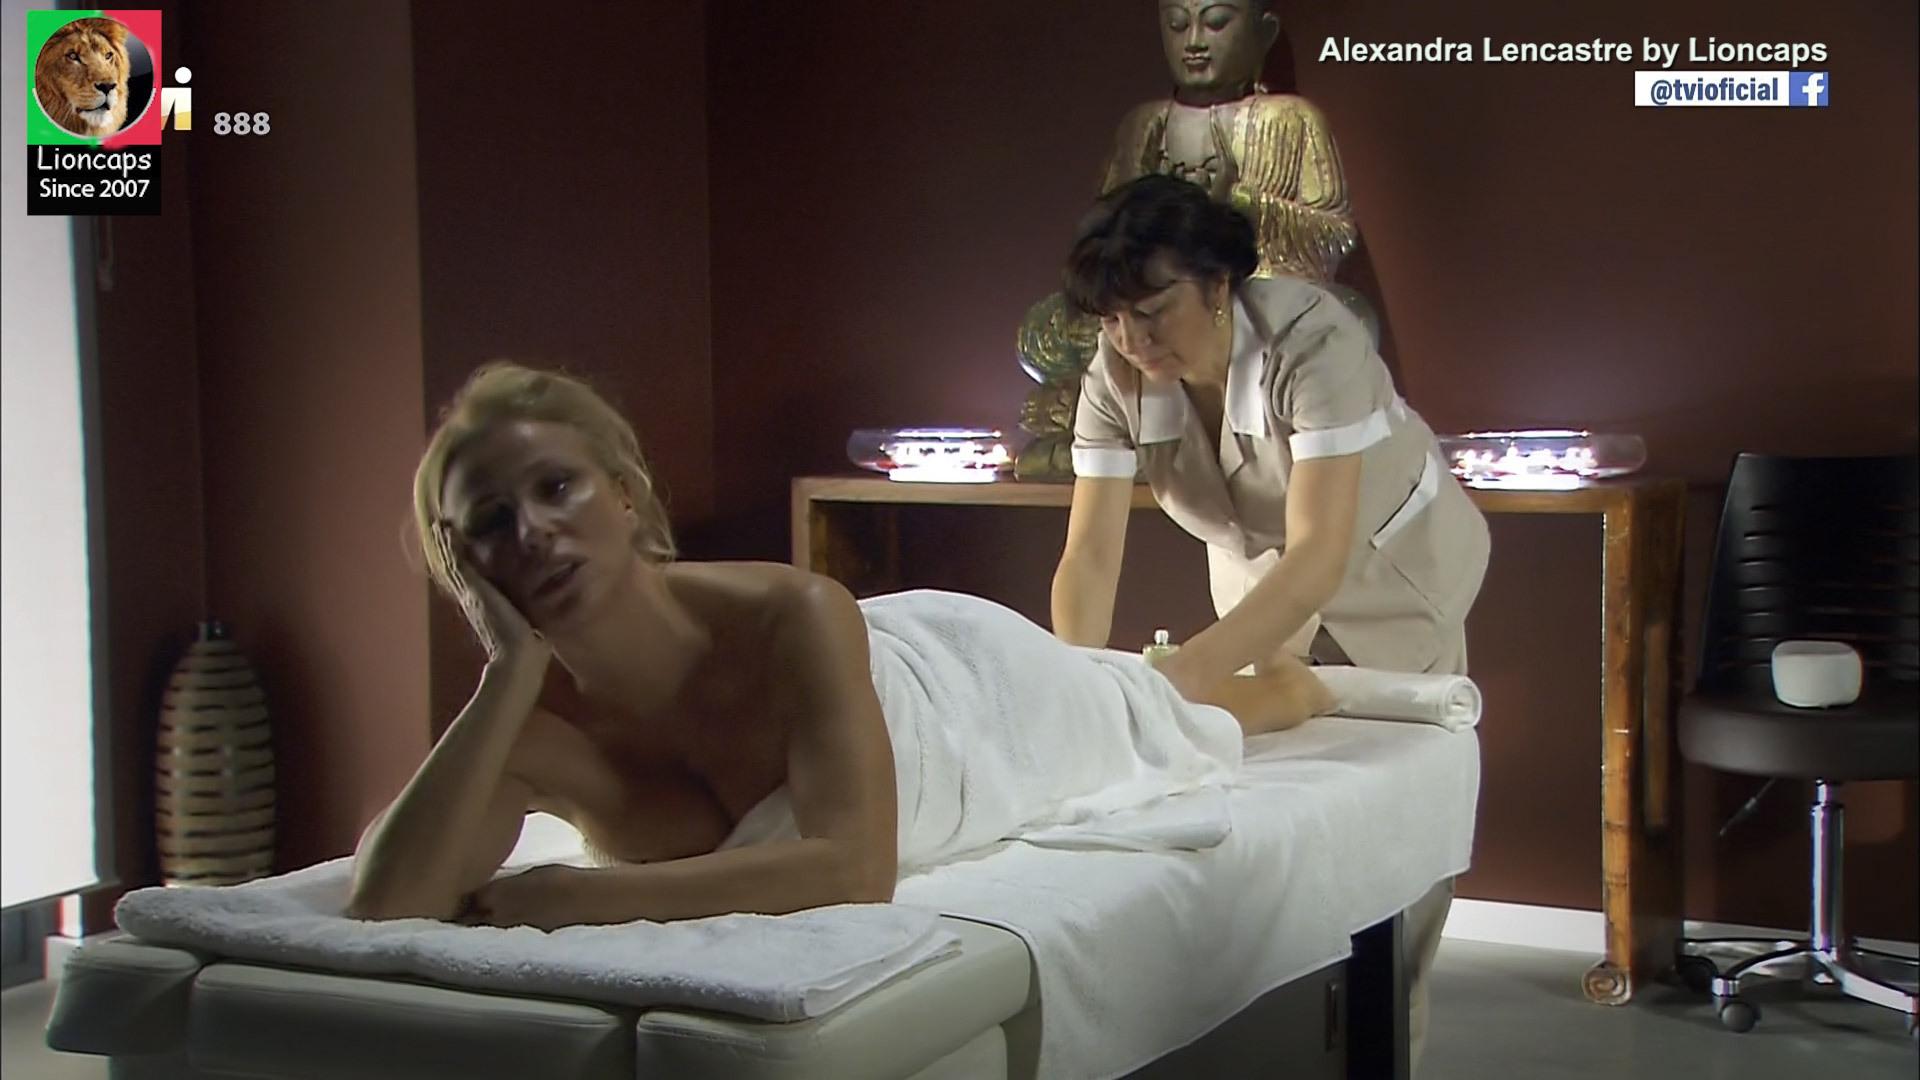 alexandra_lencastre_unica_mulher_lioncaps_26_06_2021 (3).jpg